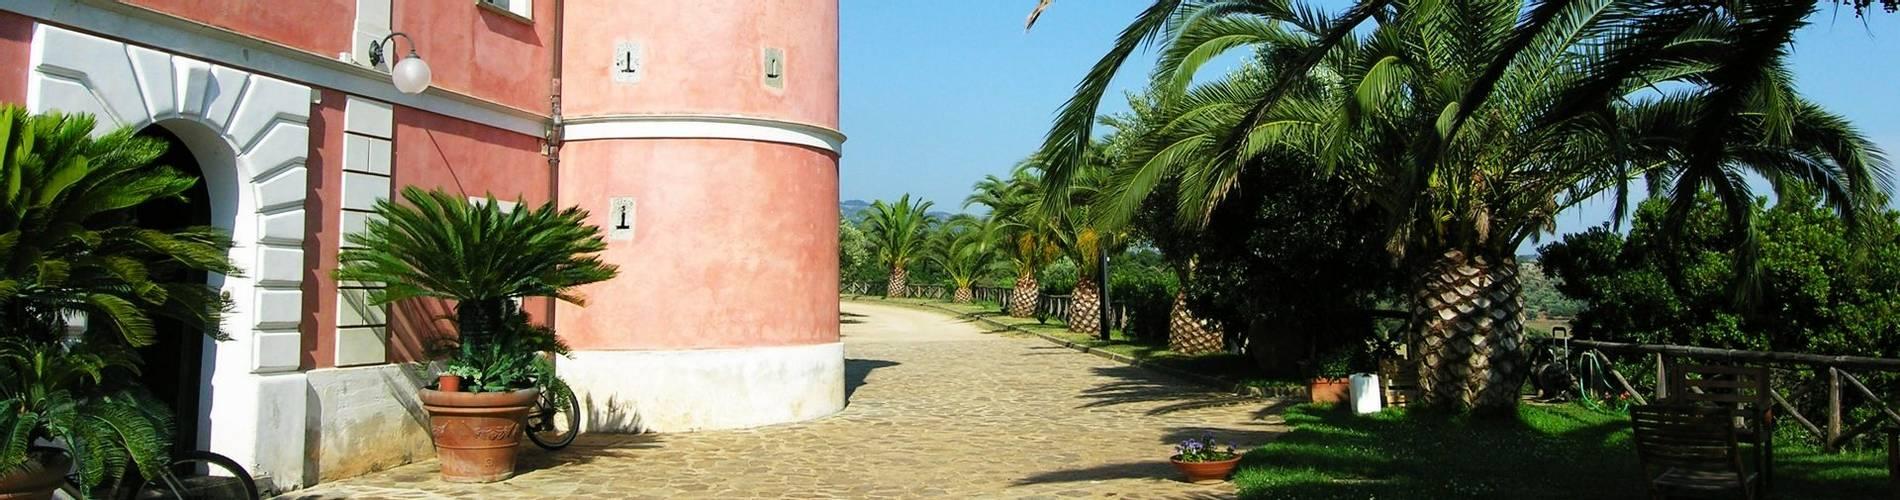 Il Casale, Calabria, Italy (9).jpg